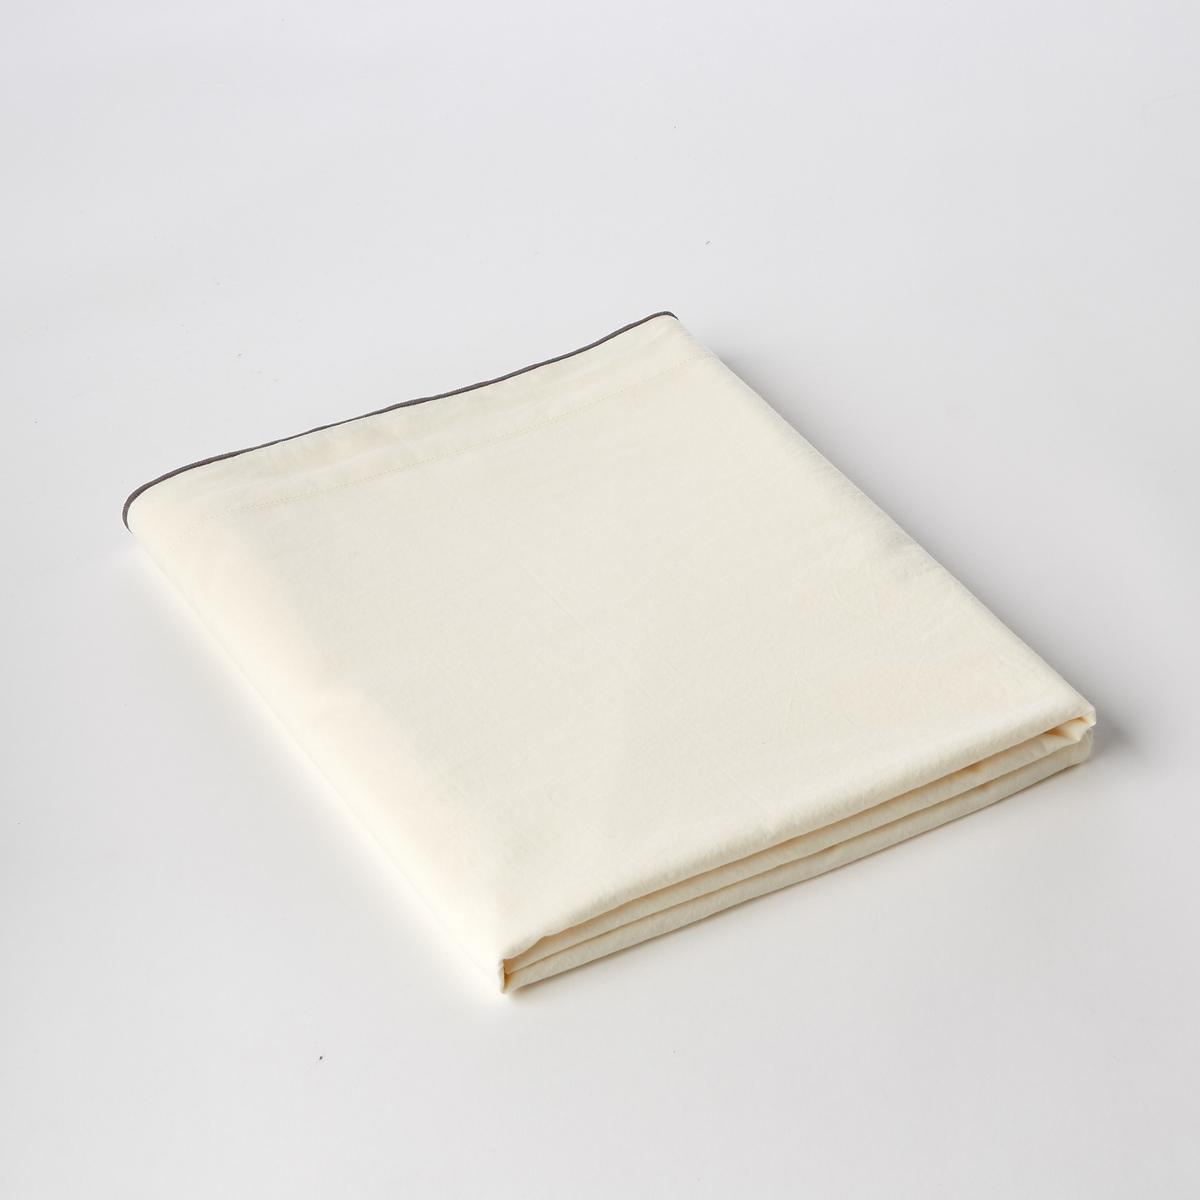 Простыня из хлопковой вуали, GypseХлопковая вуаль. Очень мягкий, воздушный и нежный материал. С легким эффектом блеска. Ткань с легким жатым эффектом. Не требует глажки.Состав :- Вуаль, 100% хлопокОтделка :- Контрастная рельефная вышивка серого цветаУход :- Машинная стирка при 40 °С. Размеры:180 x 290 см  : 1-сп.240 x 300 см : 2-сп.270 x 310 см : 2-сп.Знак Oeko-Tex® гарантирует, что товары прошли проверку и были изготовлены без применения вредных для здоровья человека веществ.<br><br>Цвет: кремовый